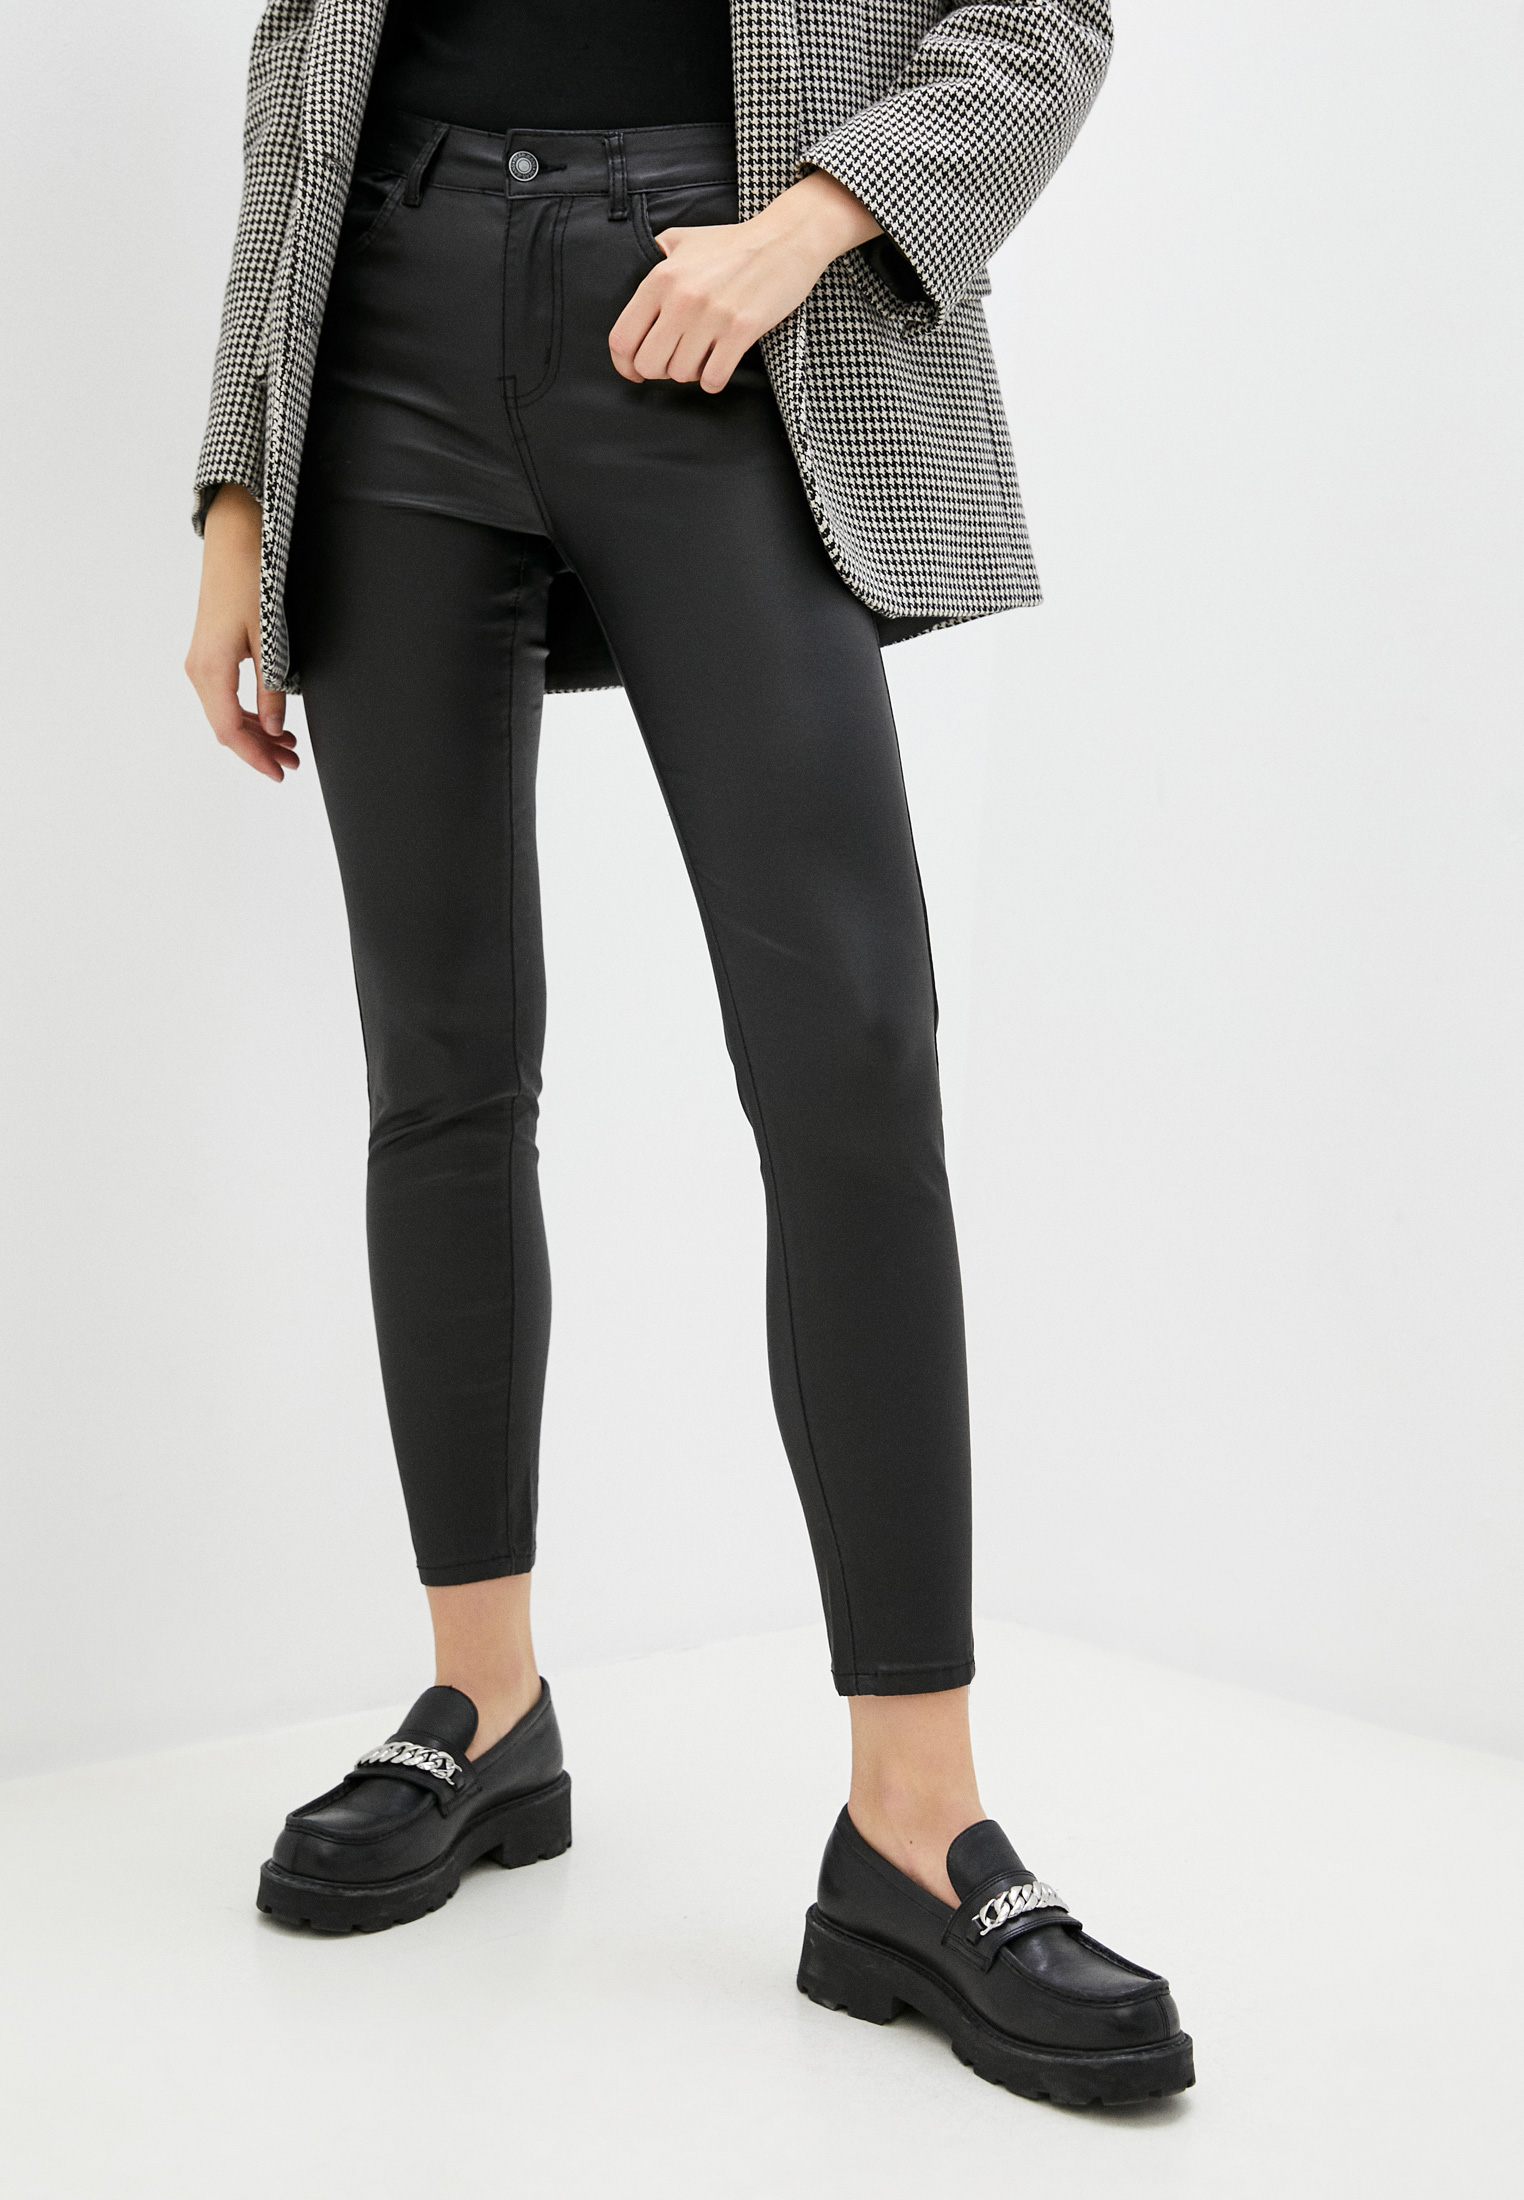 Женские зауженные брюки Miss Bon Bon Брюки Miss Bon Bon